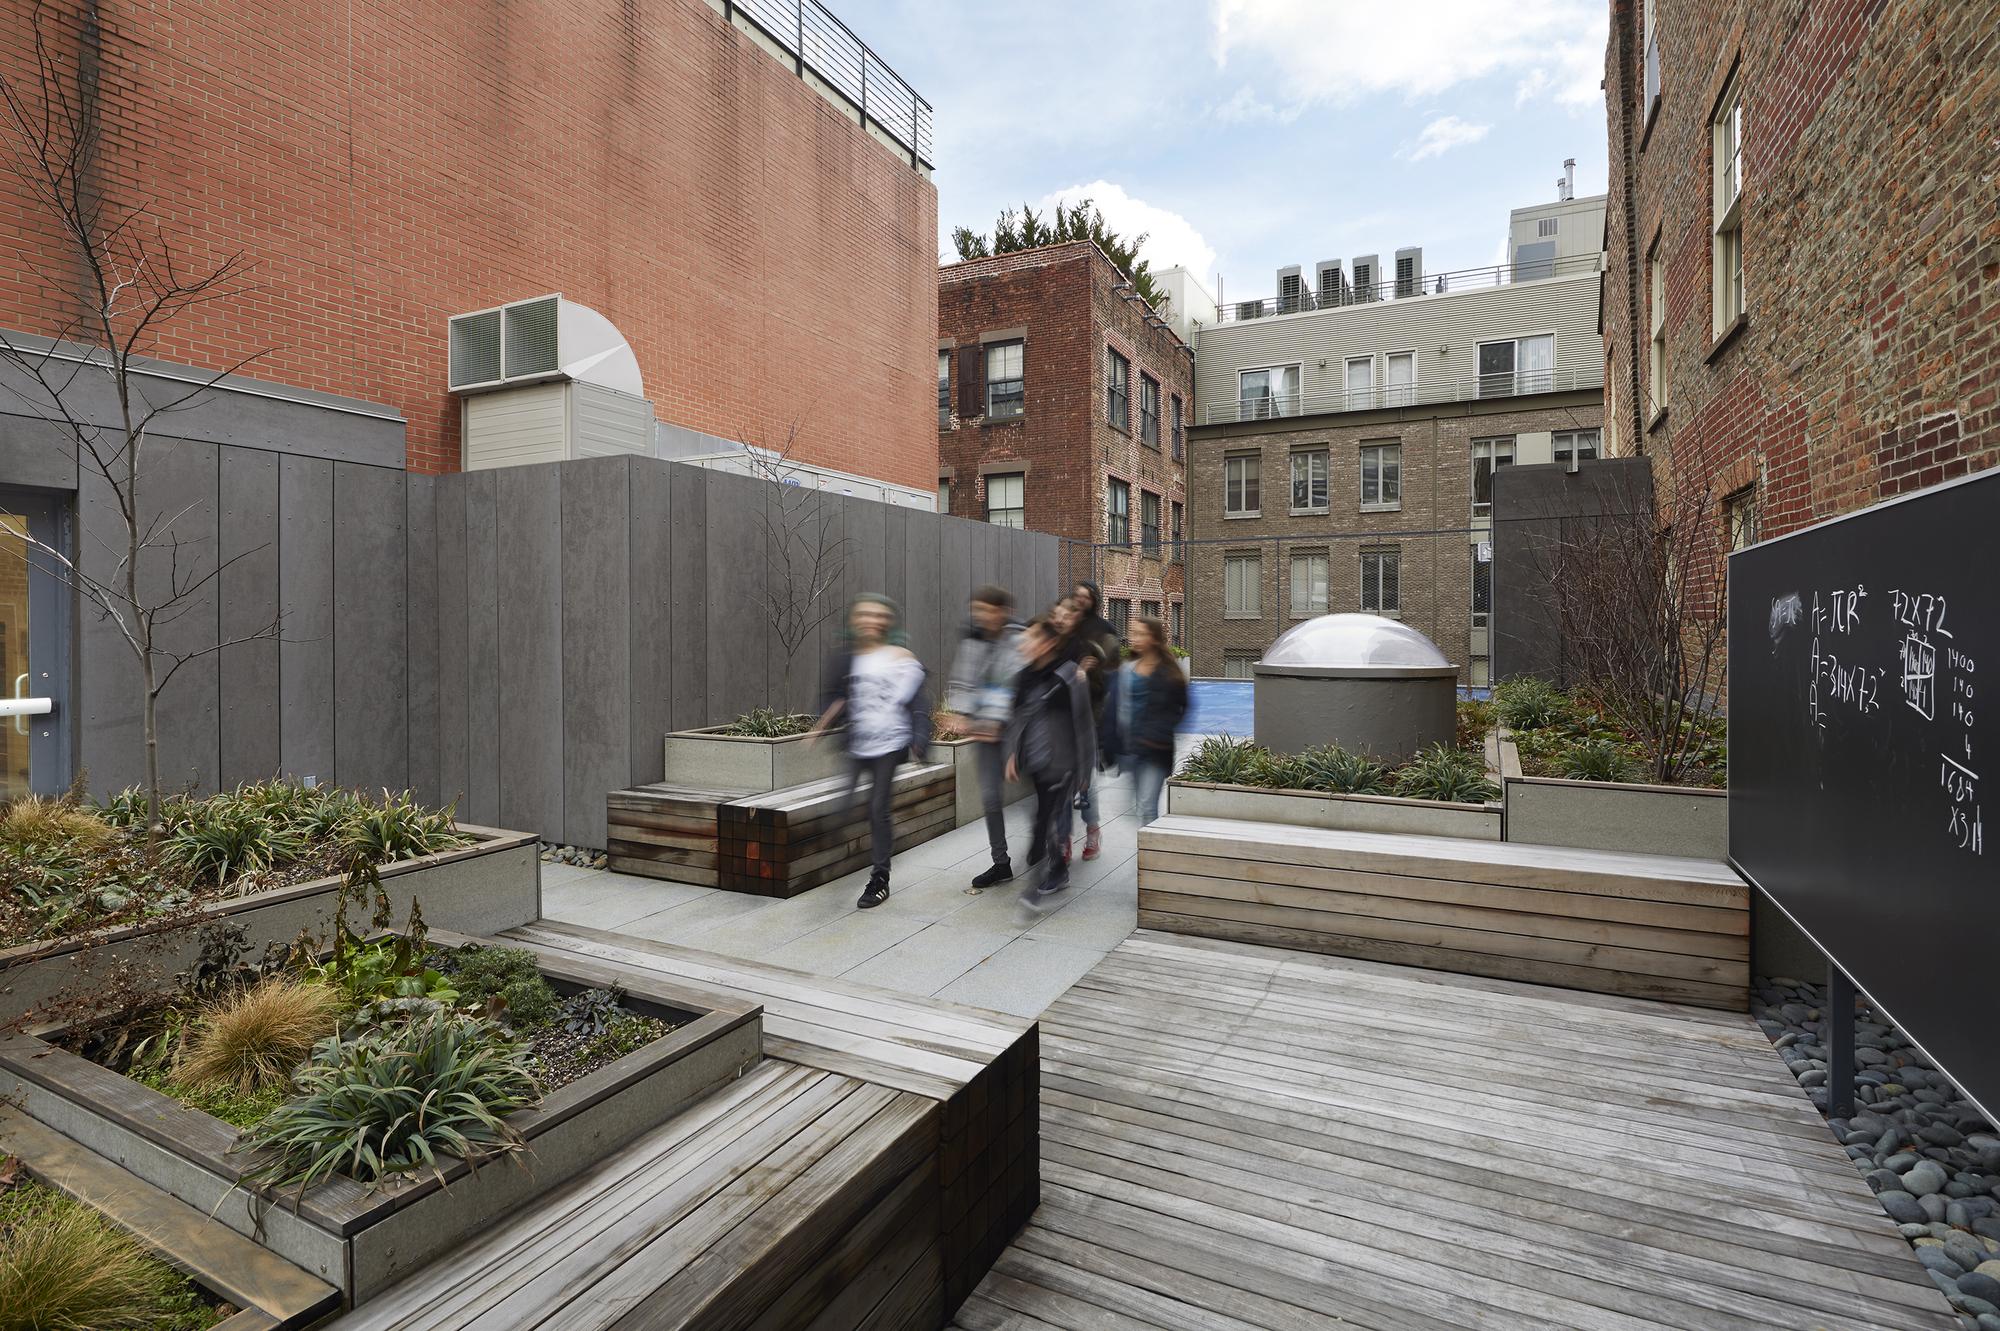 Zooxxx Bule School: Blue School Middle School / PellOverton Architects